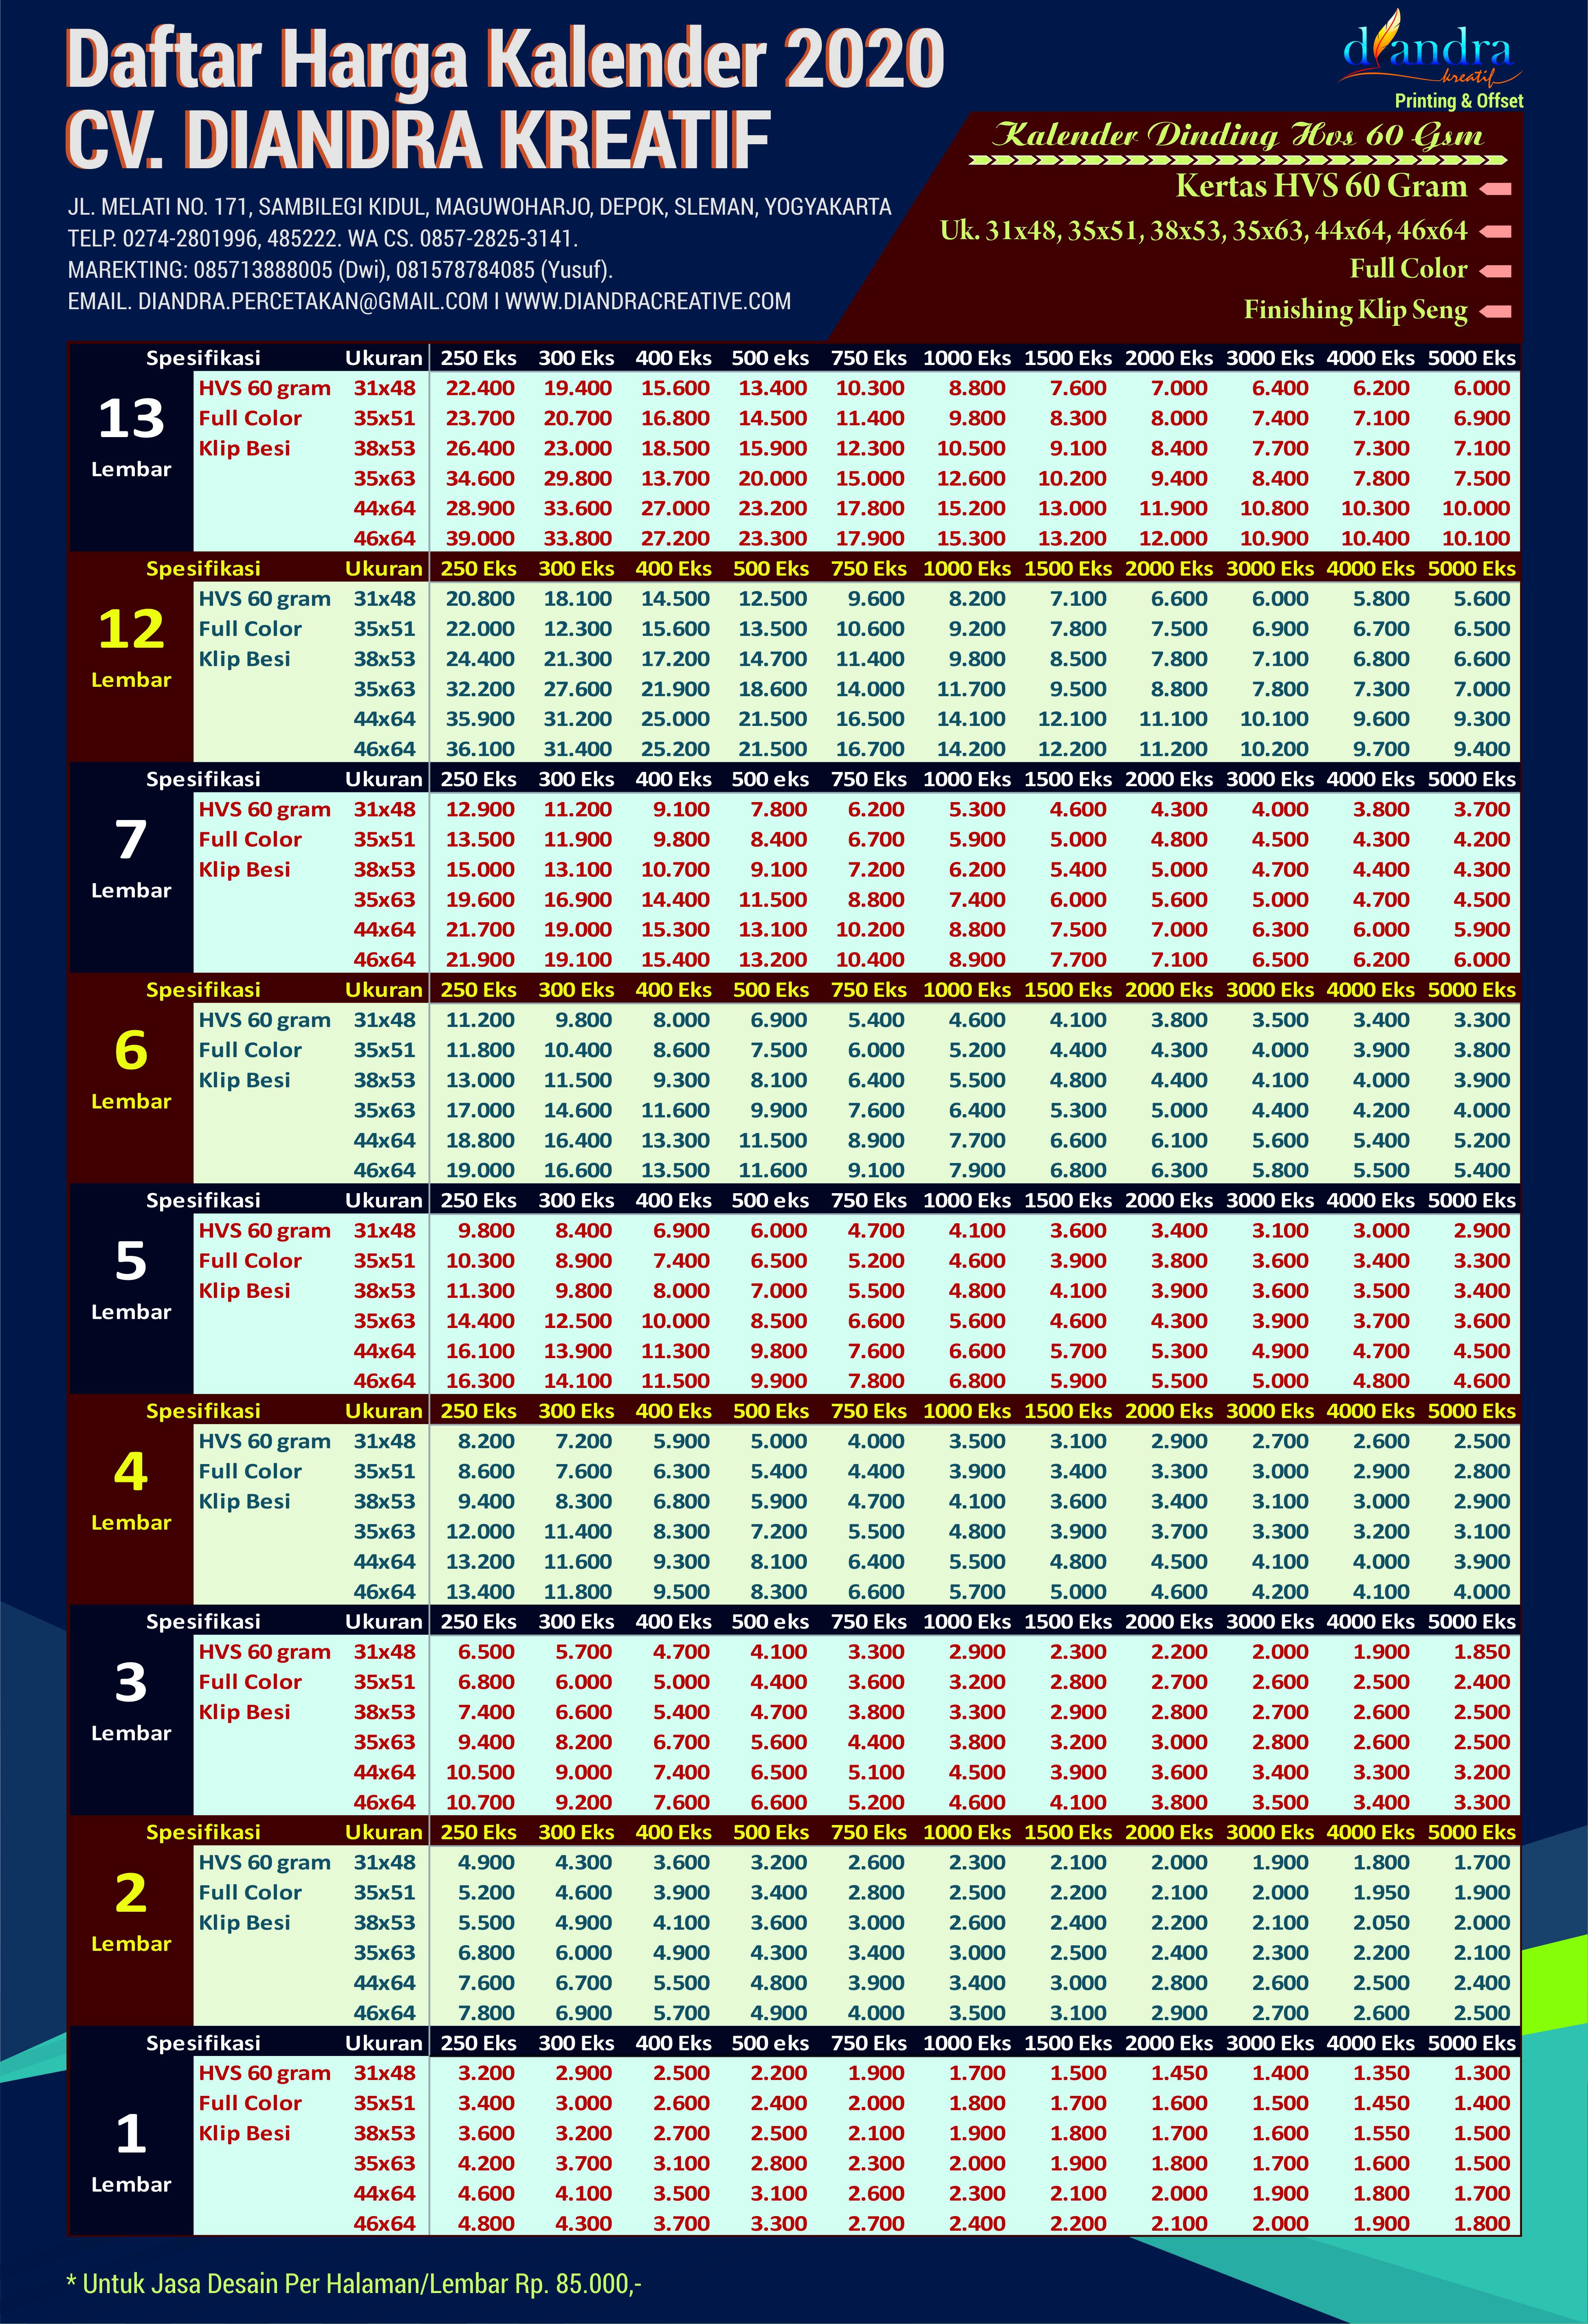 Harga Cetak Kalender 2020